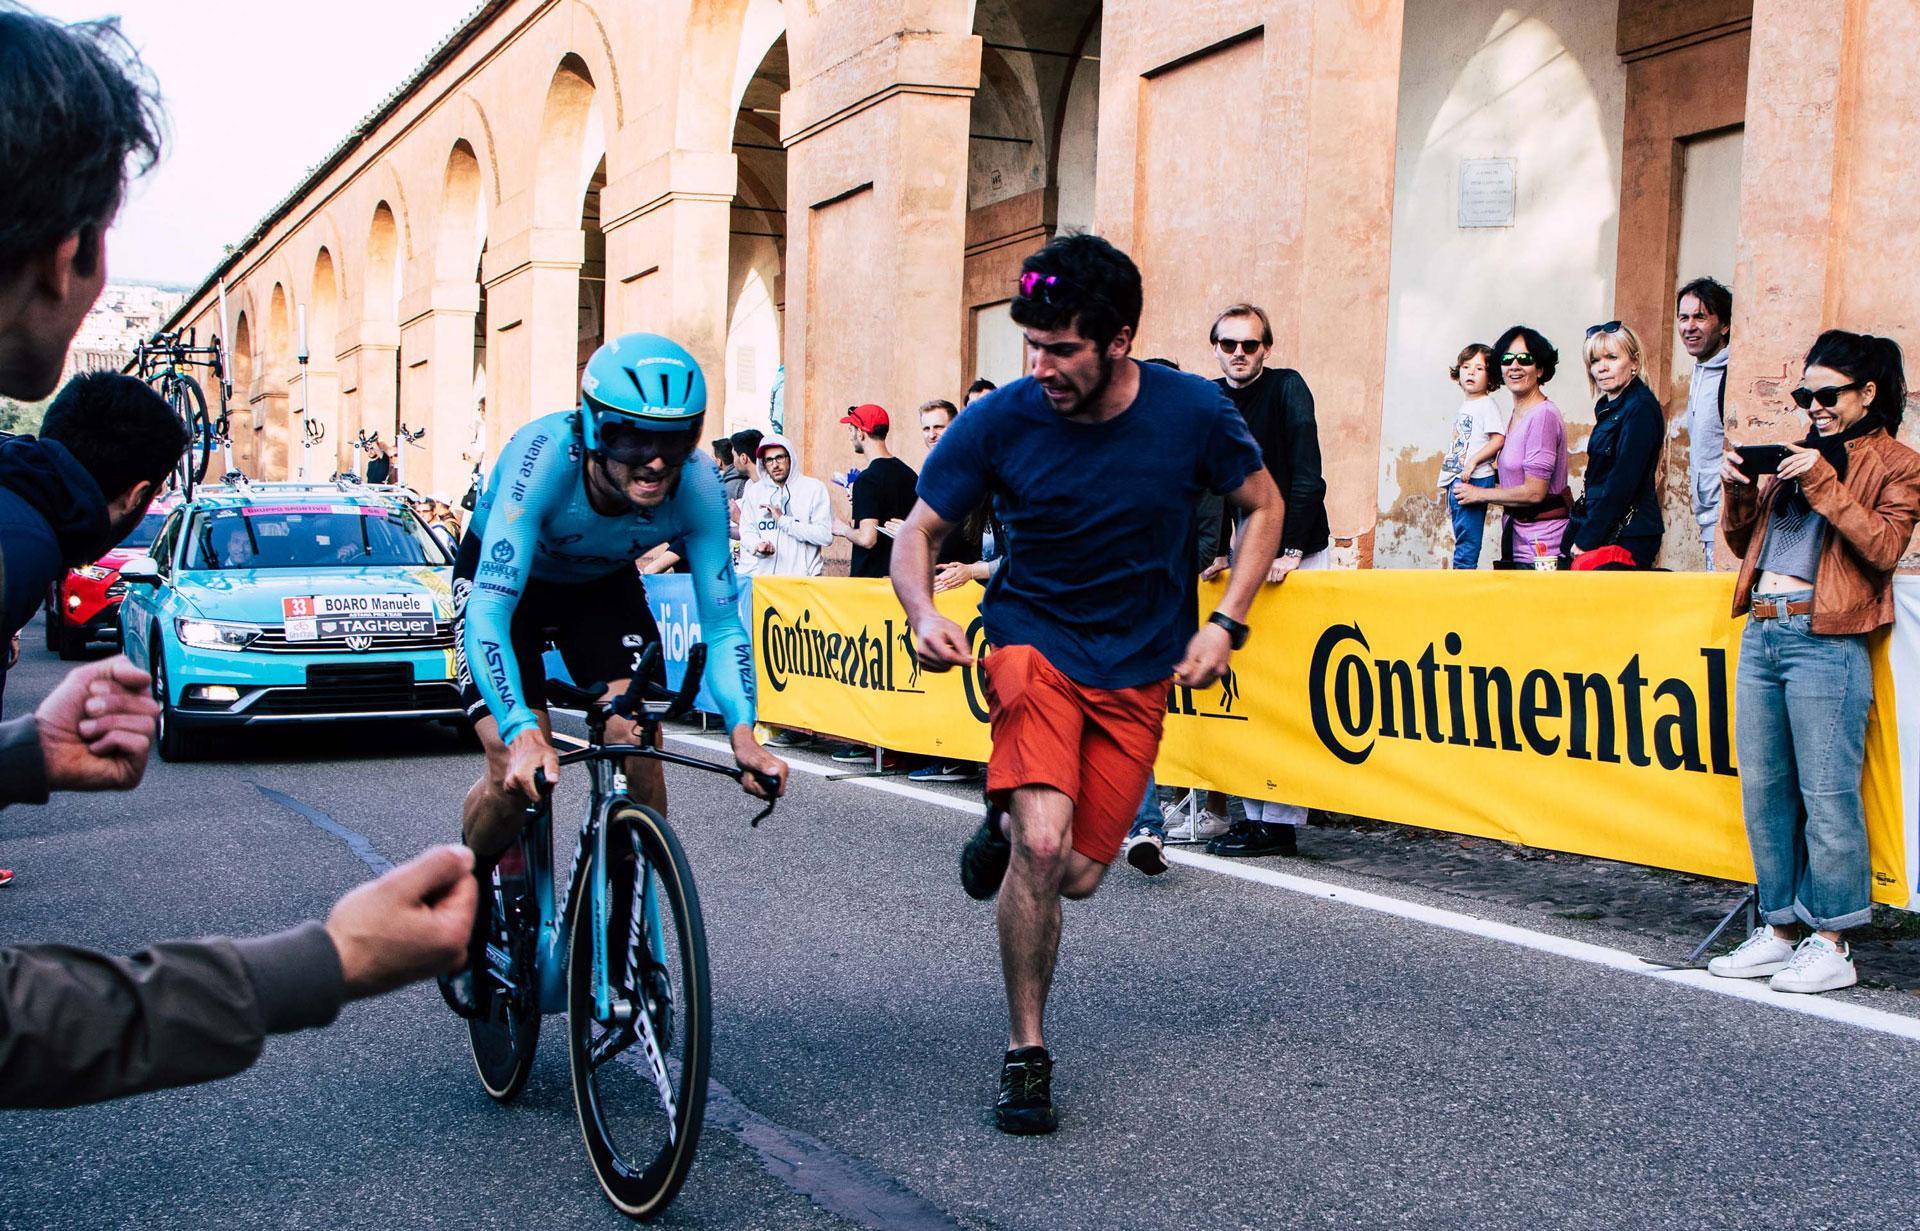 L'Emilia Romagna e la sicurezza sulle strade. Gli italiani che più vanno in bicicletta.